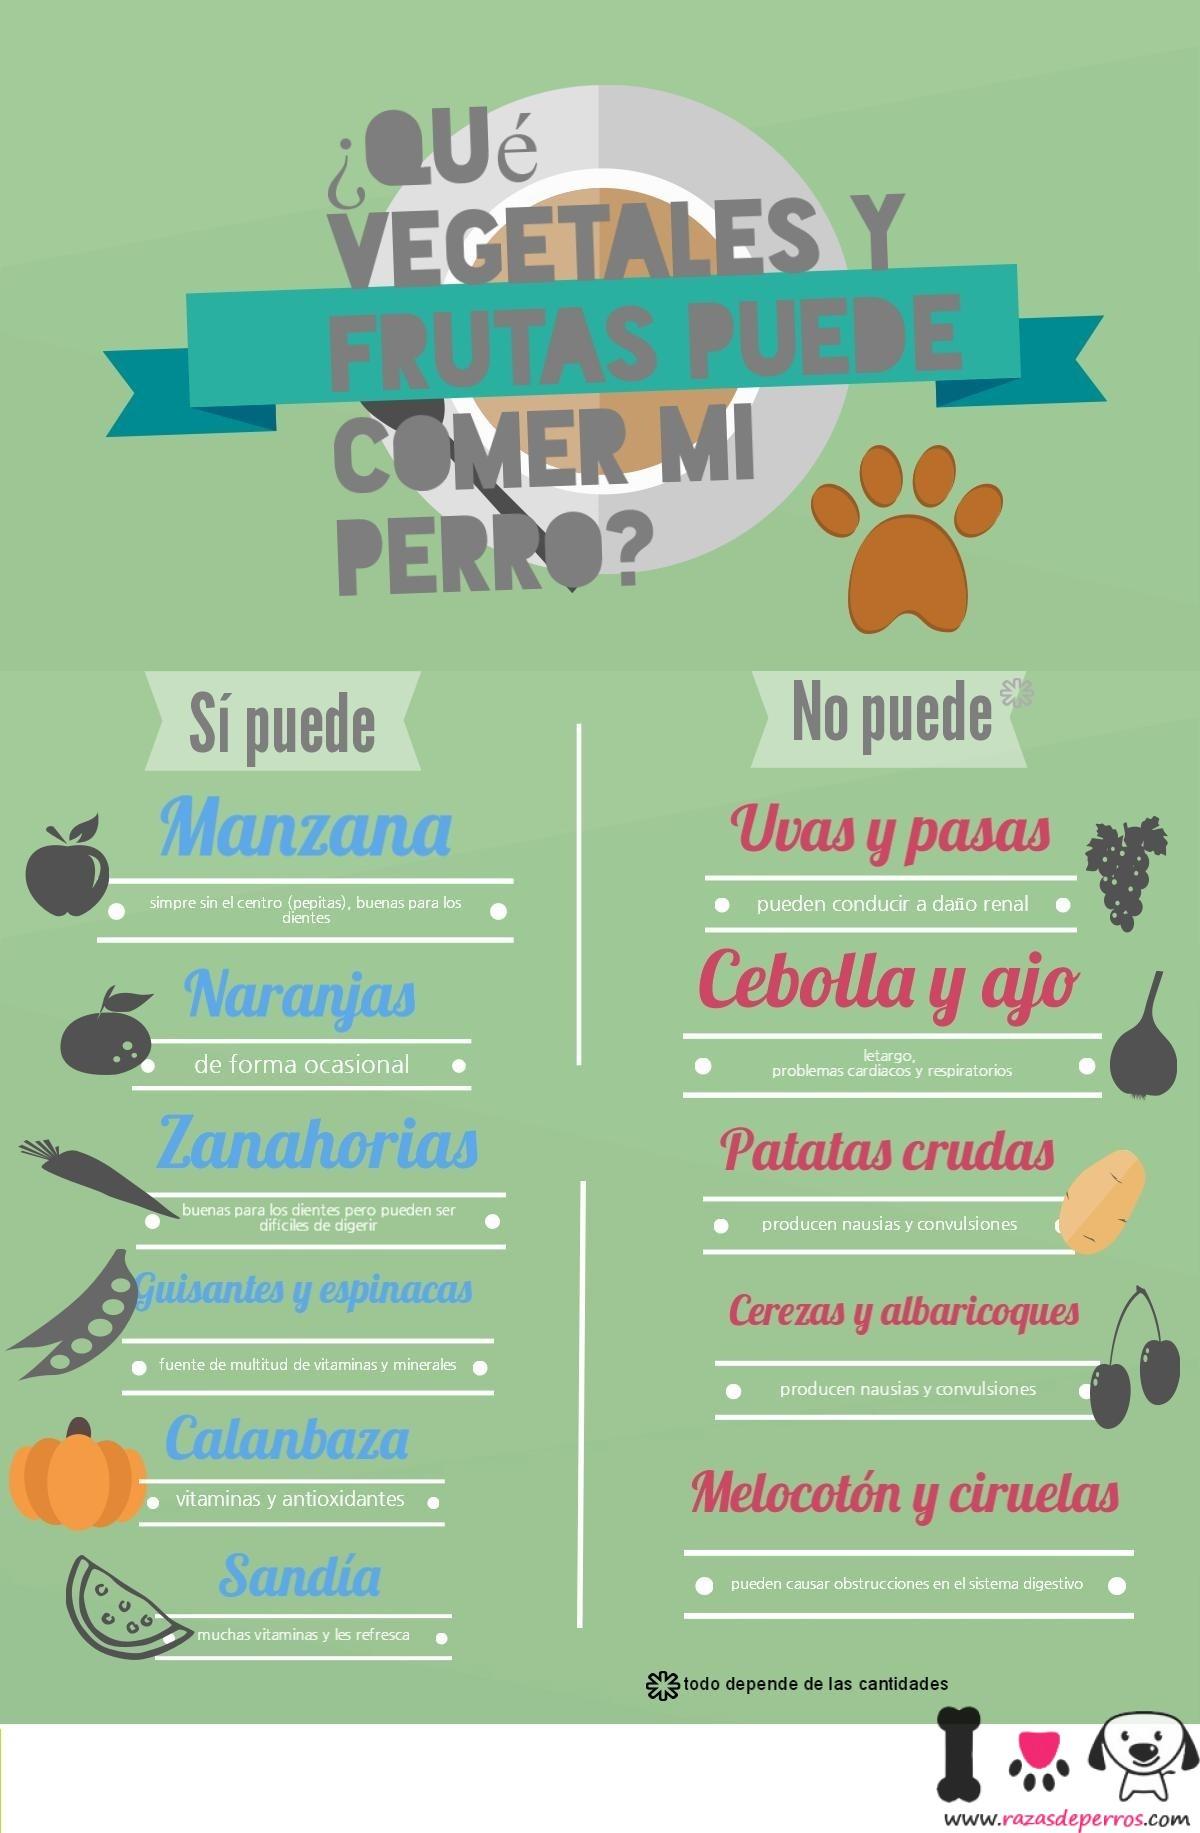 ¿Qué vegetales y frutas puede comer mi perro? - Razas de